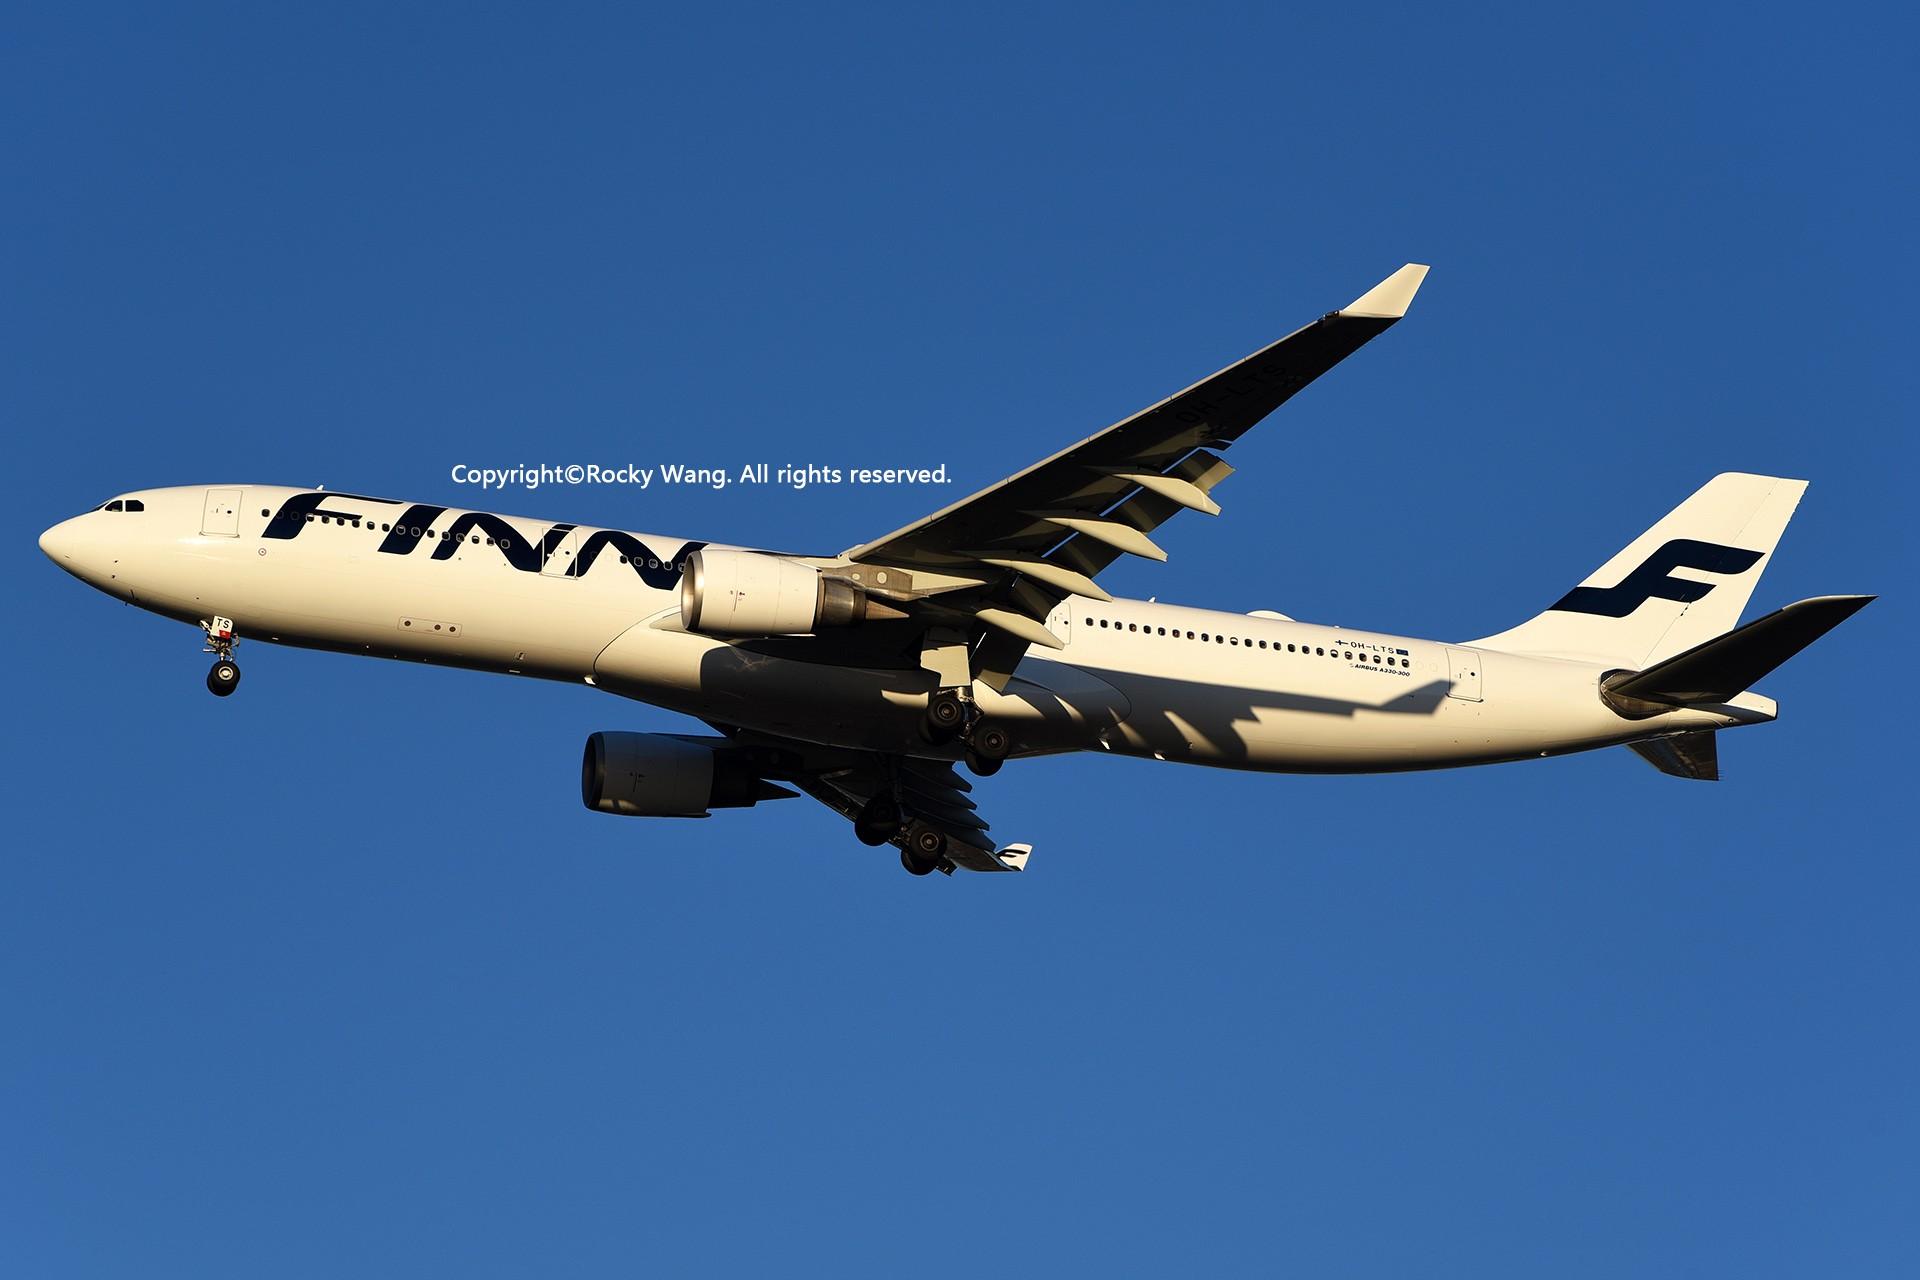 Re:[原创]KJFK 30图 AIRBUS A330-302 OH-LTS New York John F. Kennedy Int'l Airport